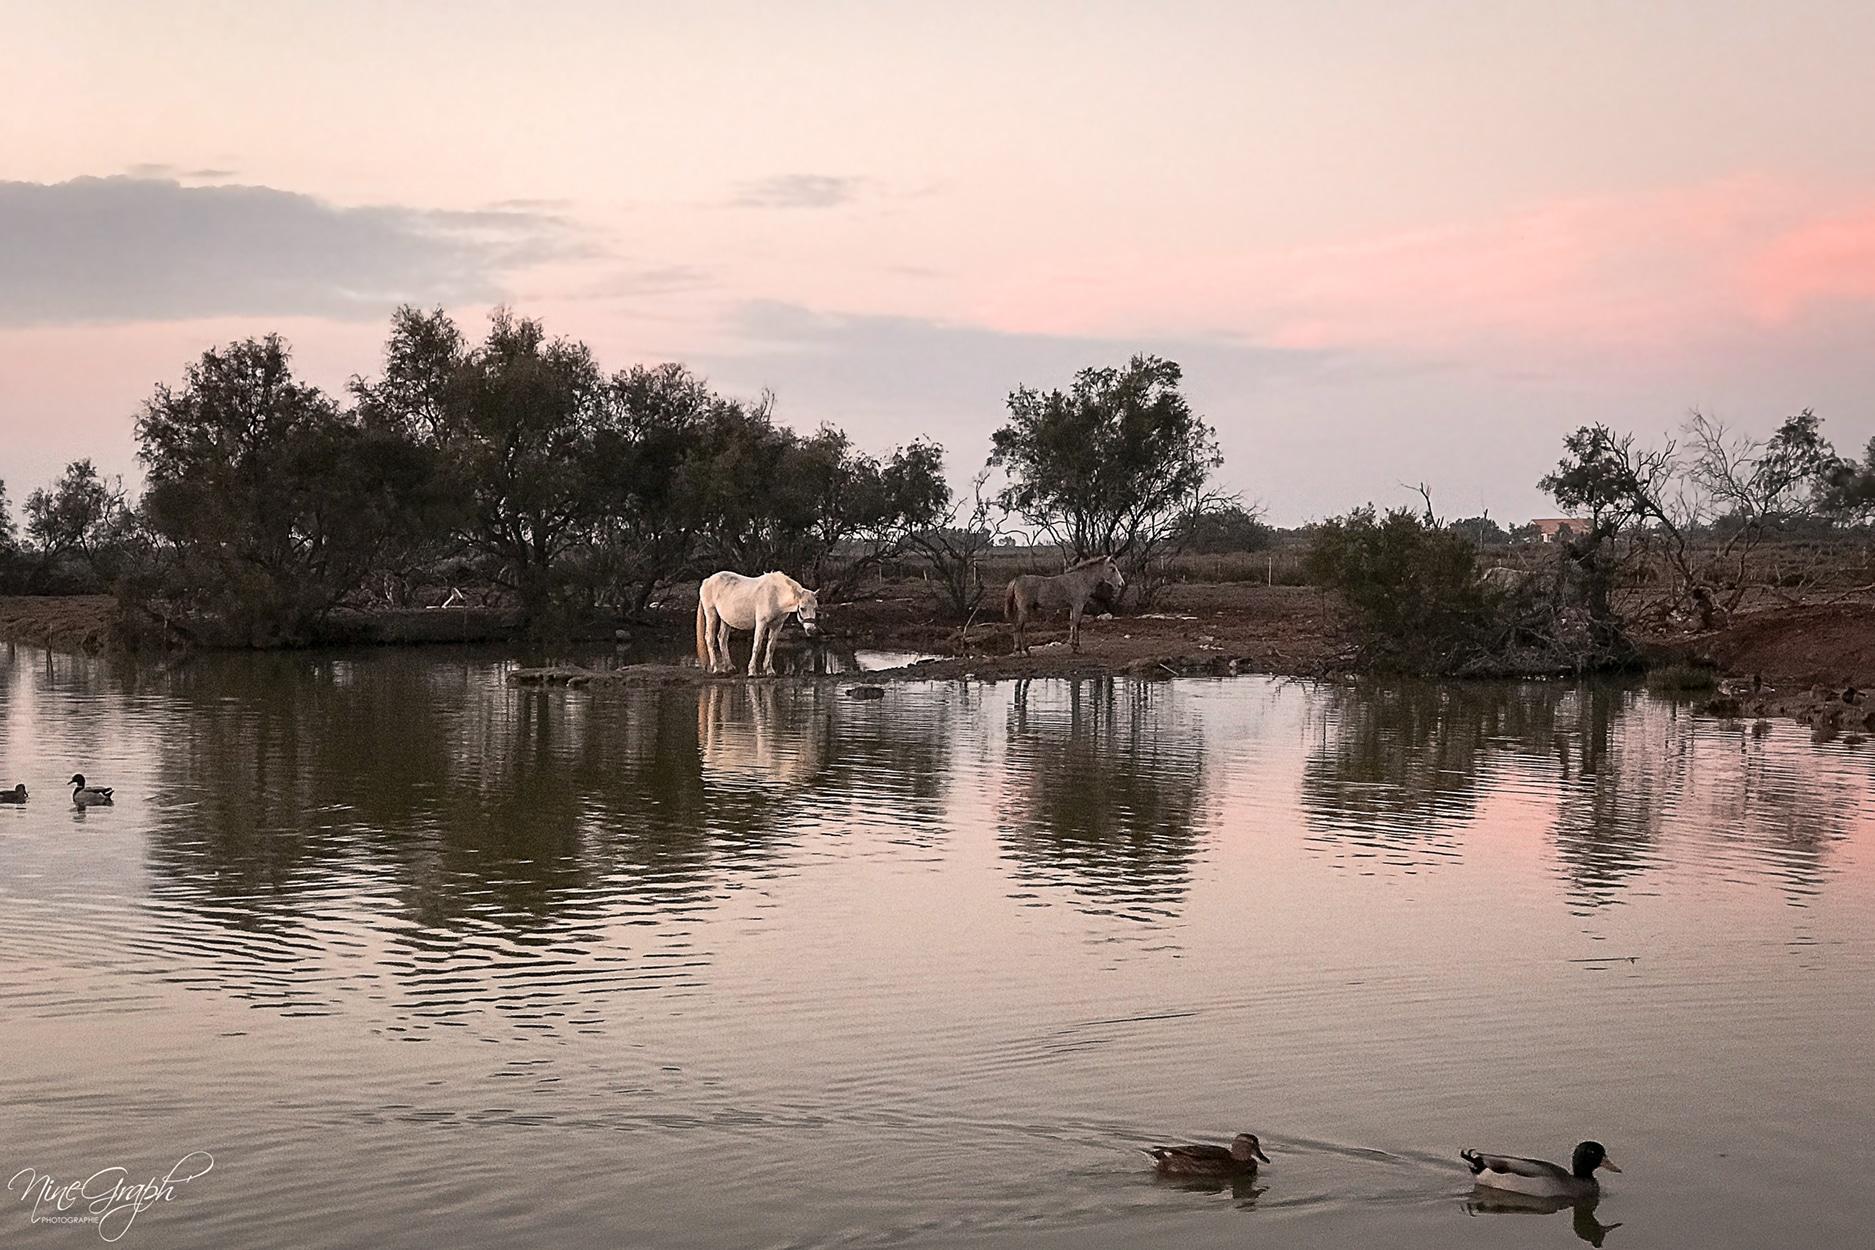 Les Saintes Maries de la Mer, en Camargue